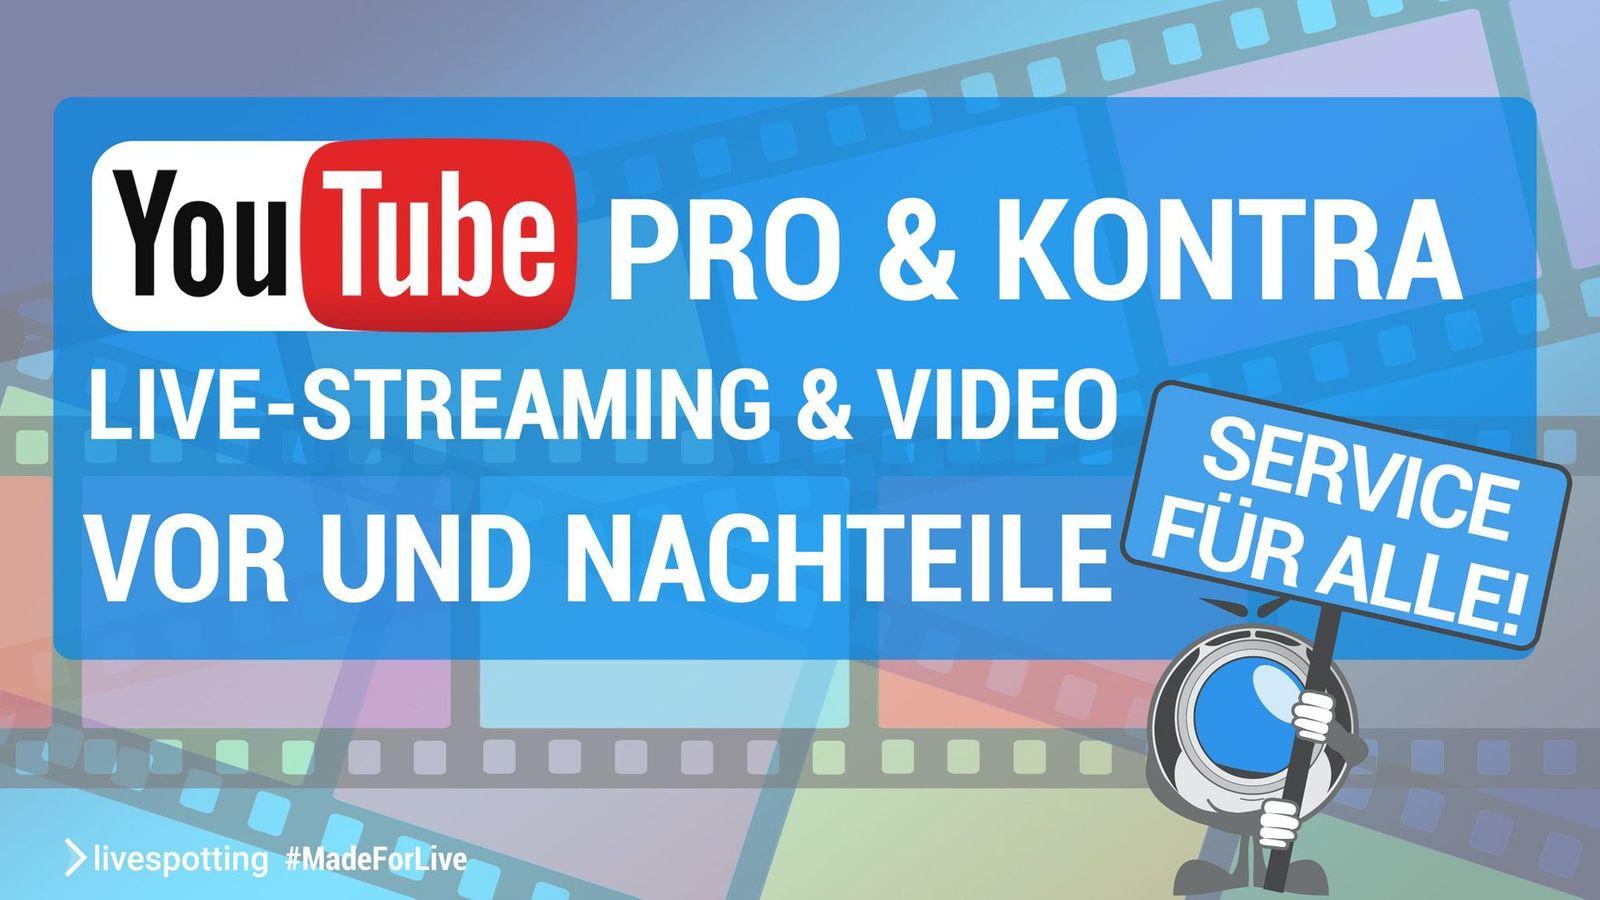 Die Vorteile und Nachteile von YouTube für Live-Streaming